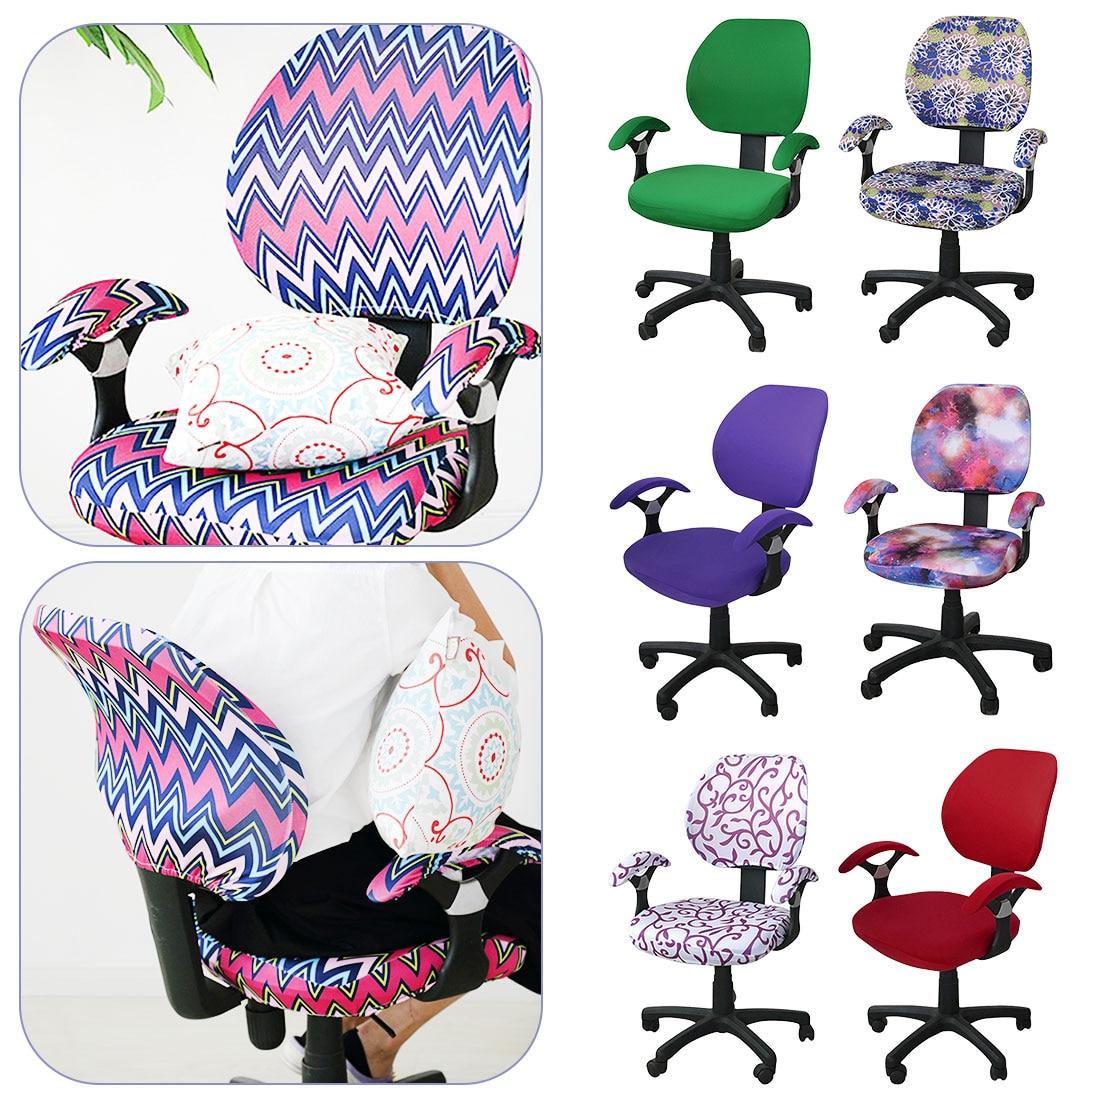 Хорошее качество покрытия для офисных стульев спандекс компьютерное кресло подлокотник крышка с цветочным принтом съемные вращающиеся ра...